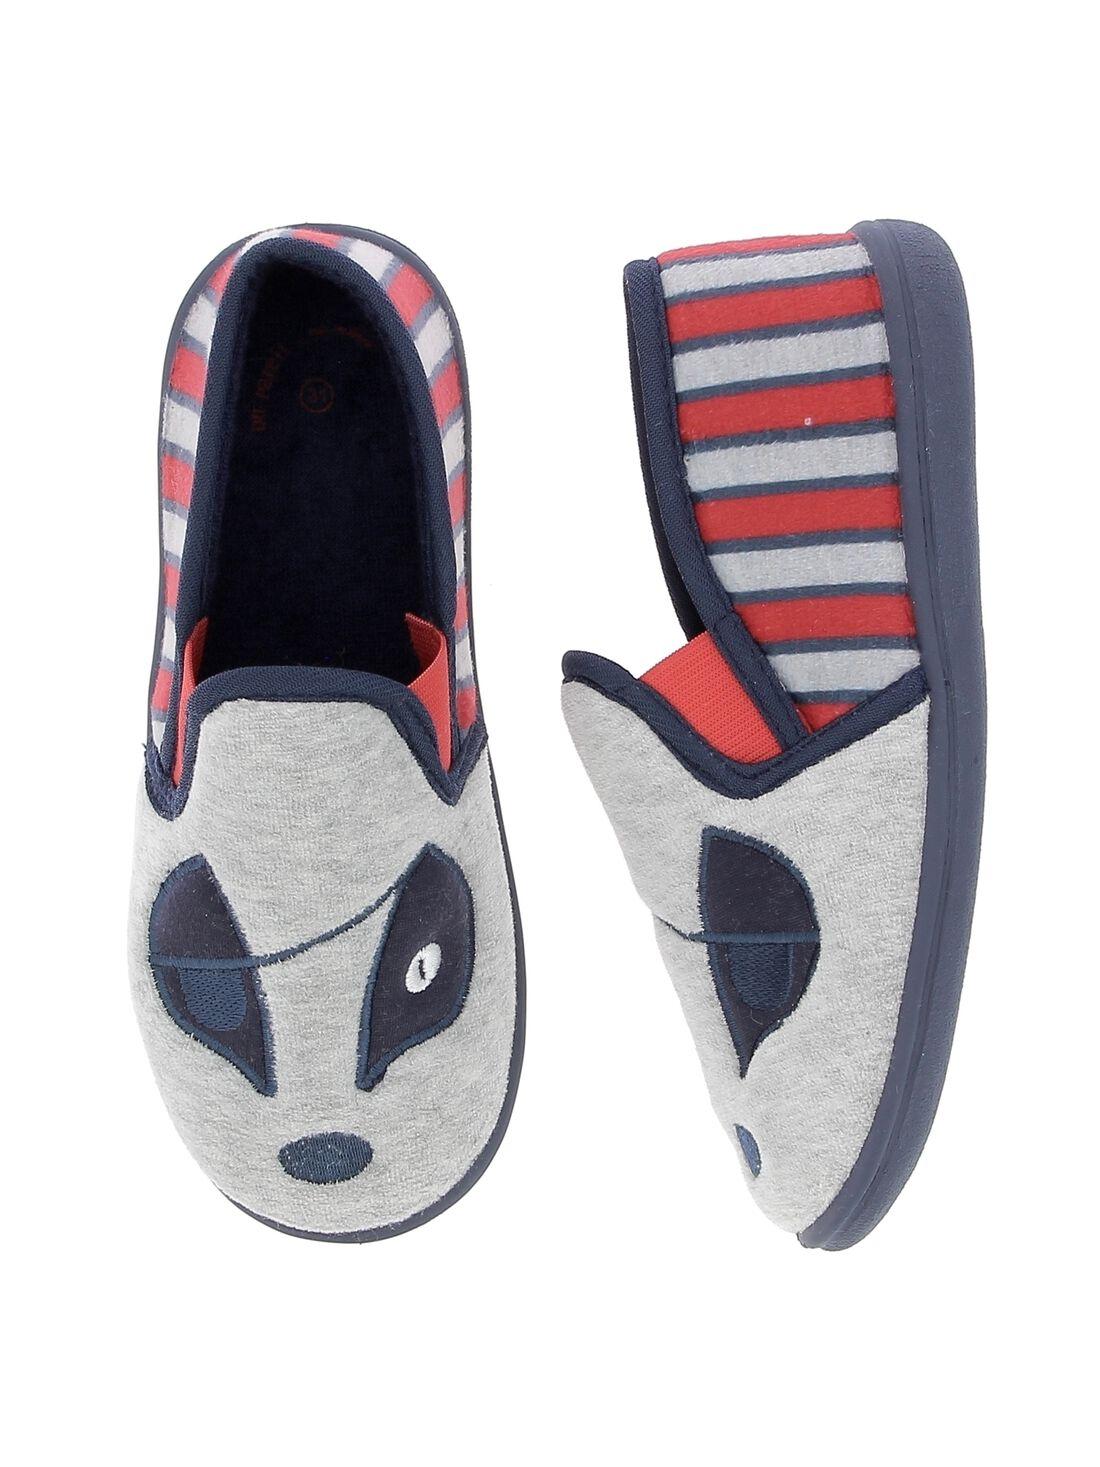 Bébé Garçon Fille Polaire Chaussettes Chaussures Dino pression sans beaucoup de couleurs